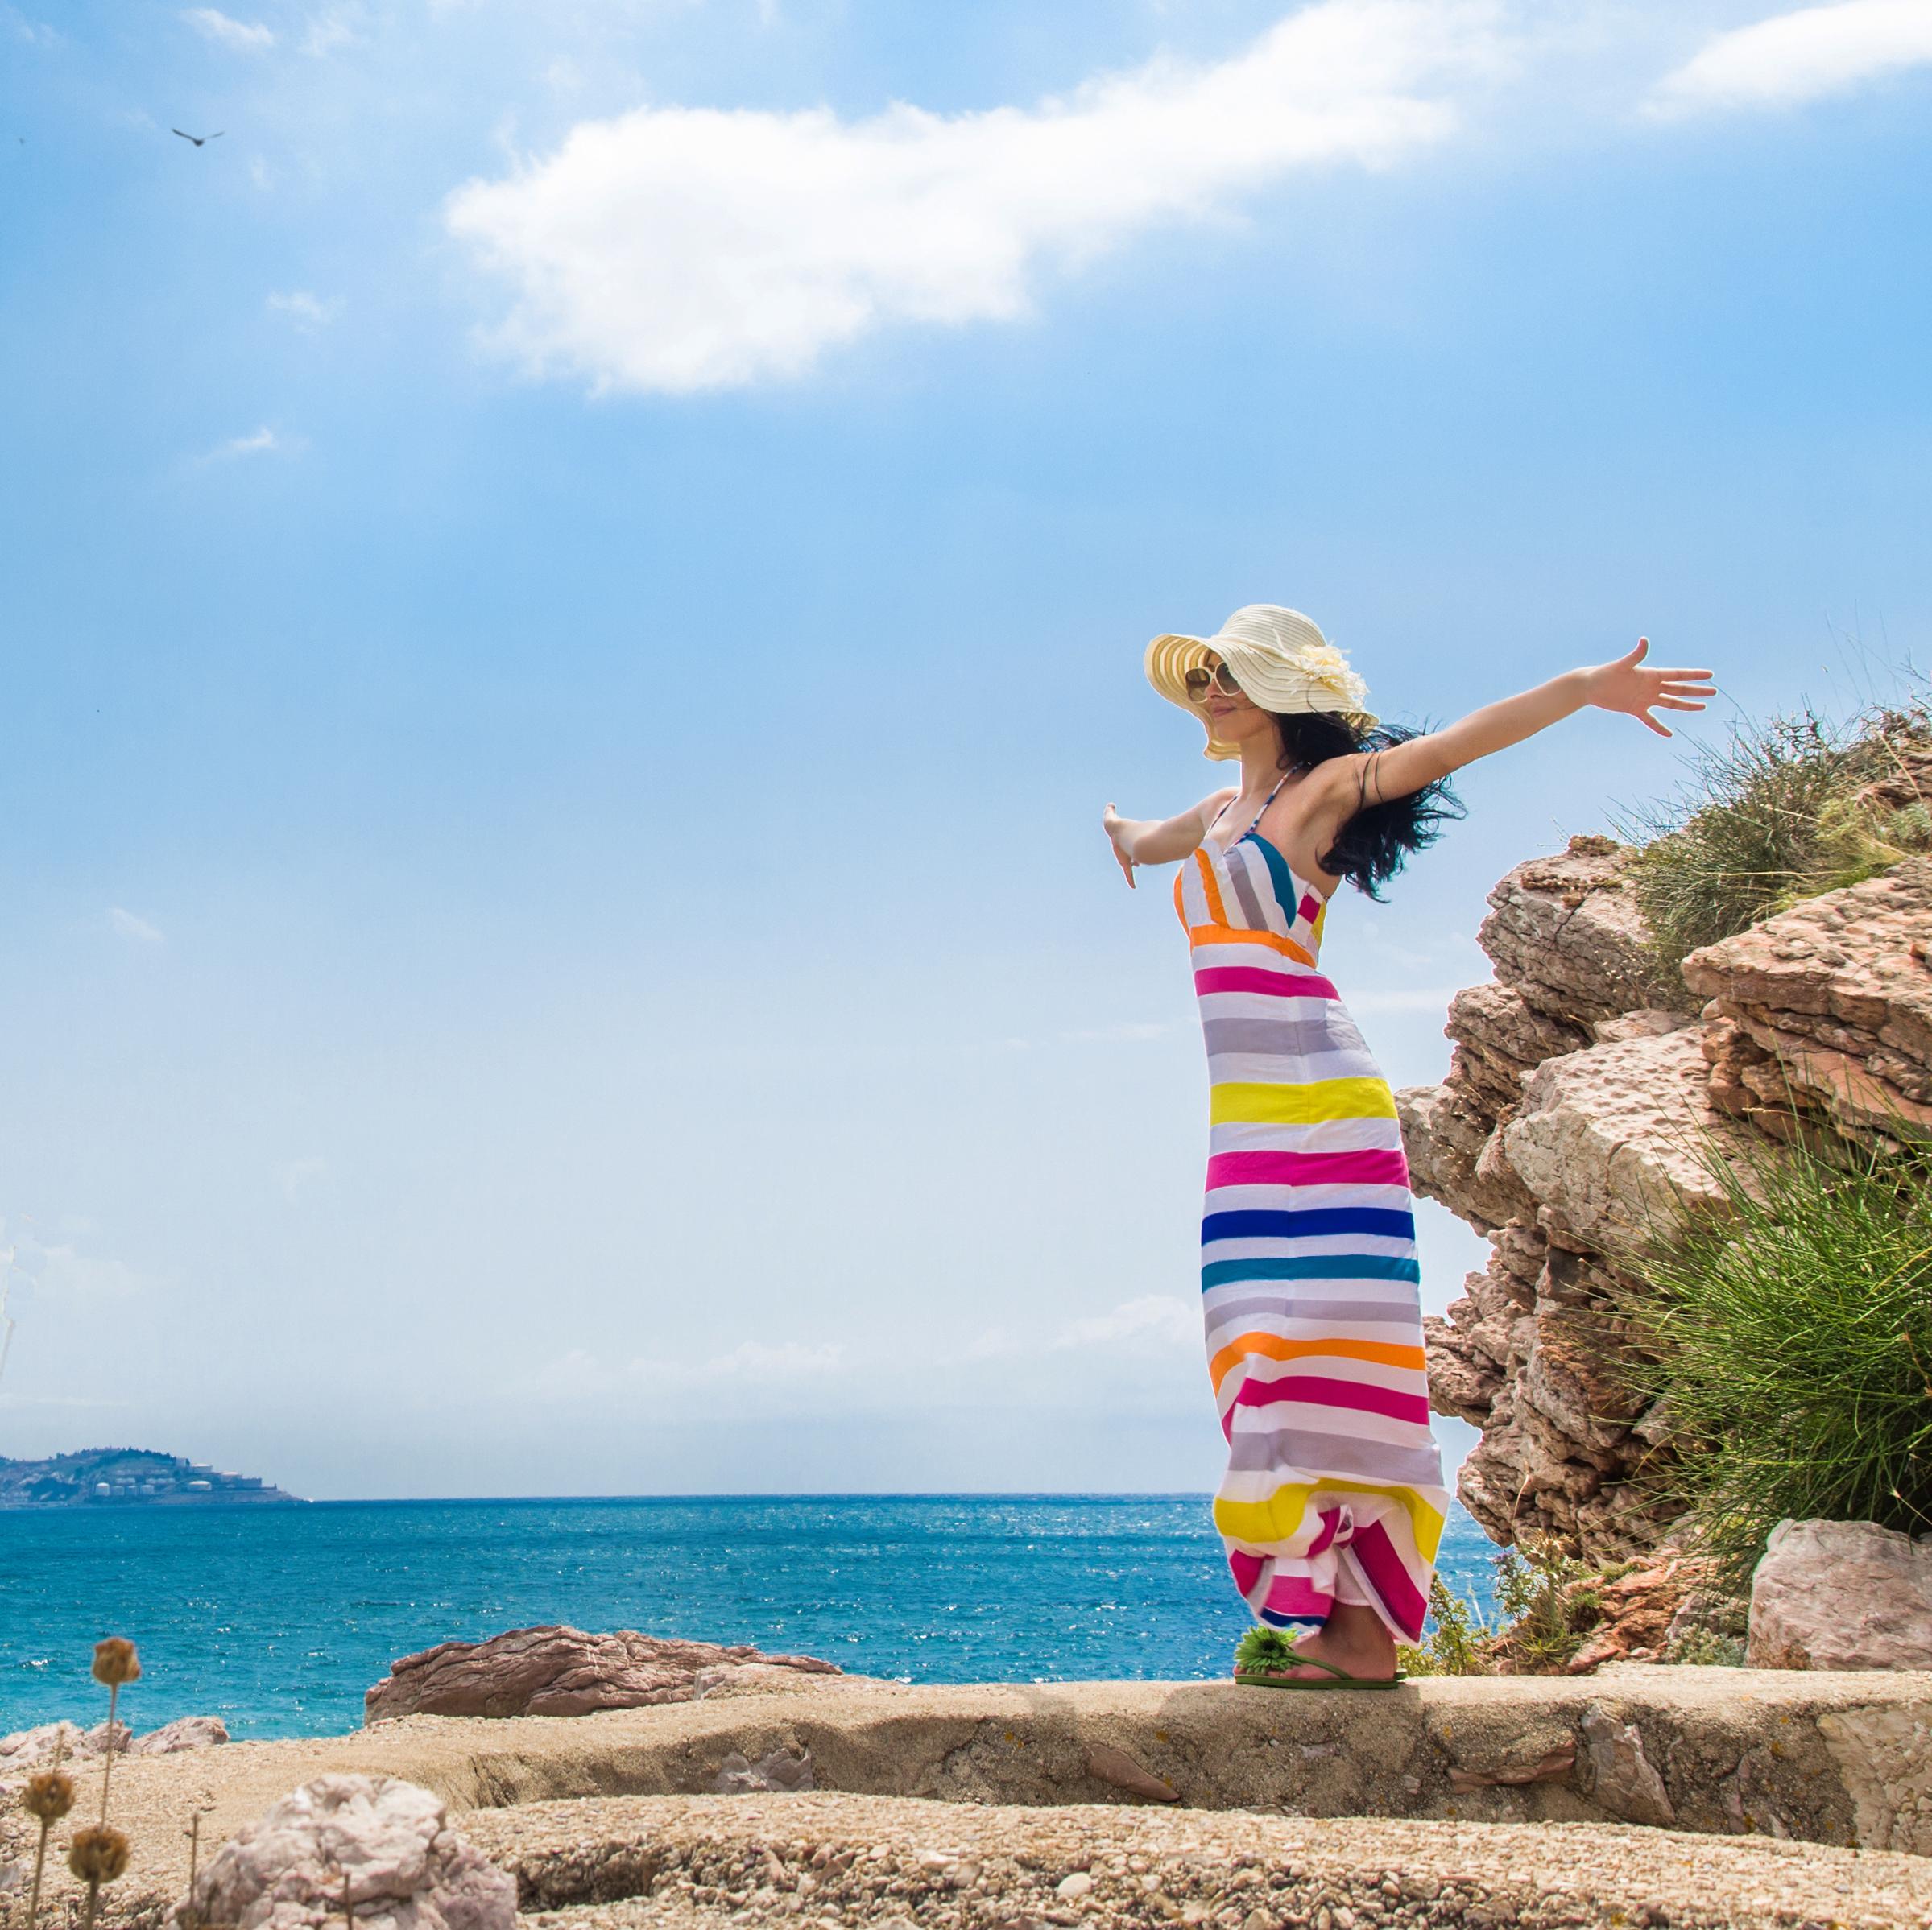 Woman breathing fresh air on the beach